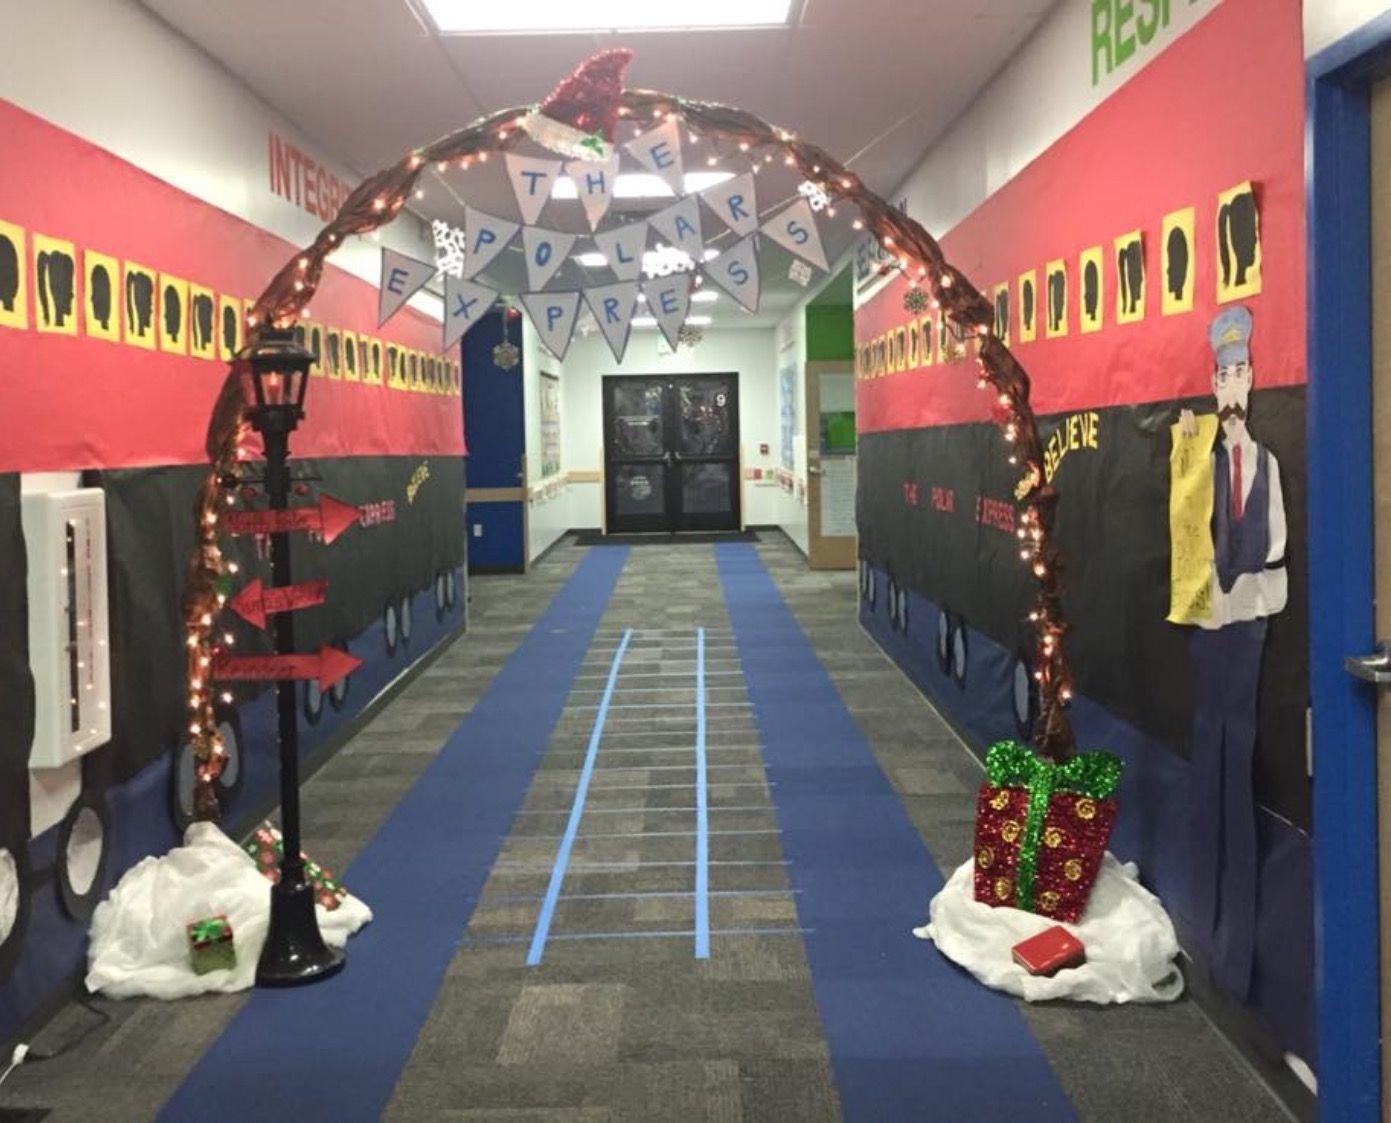 Polar Express In School Hallway Hallwayideas